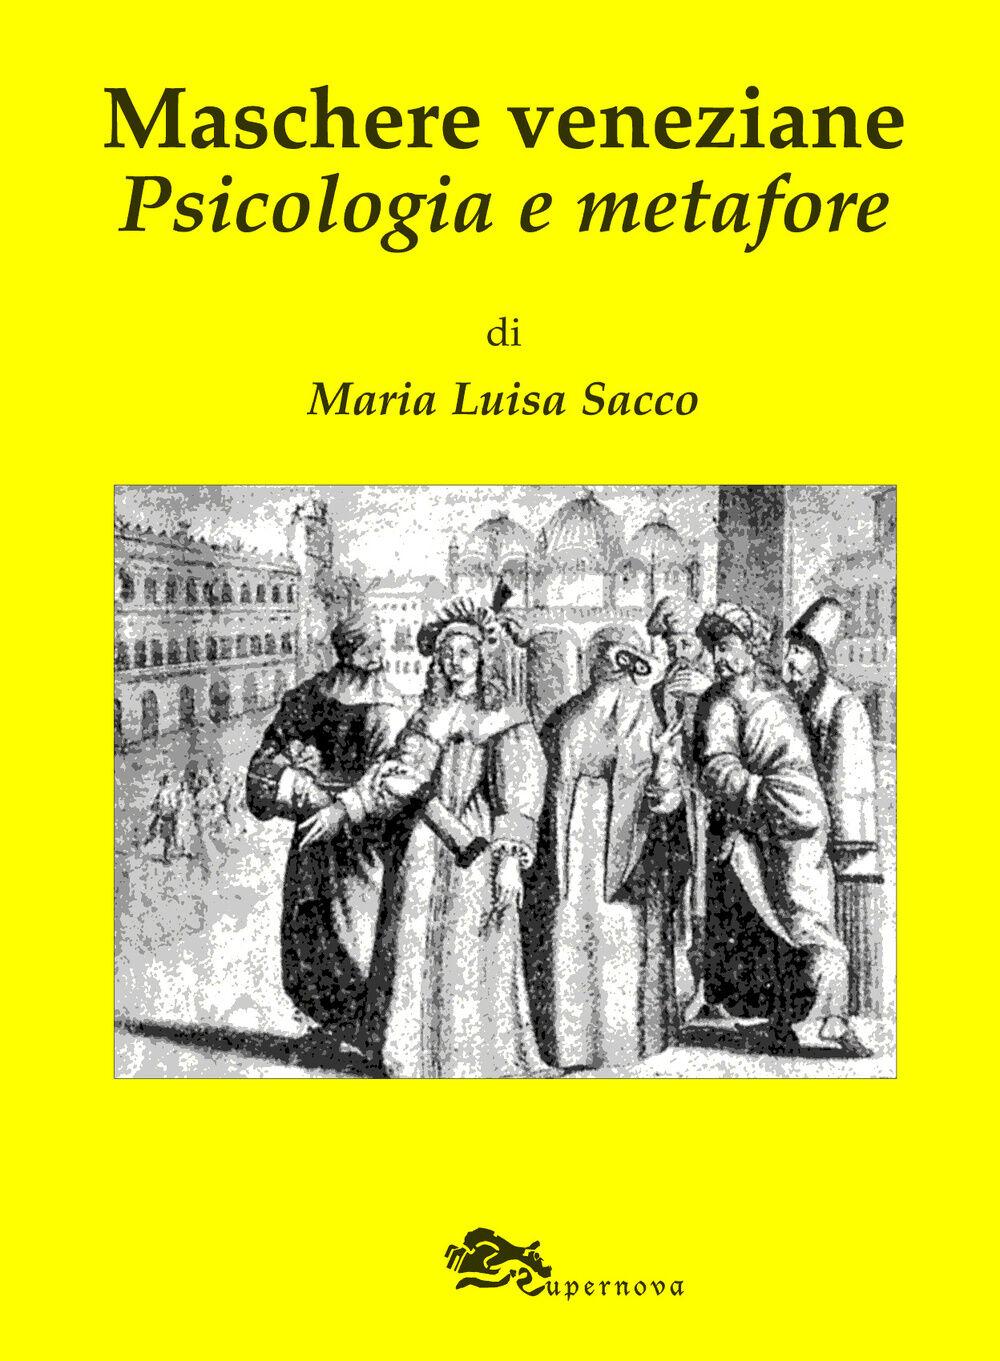 Maschere veneziane. Psicologia e metafore